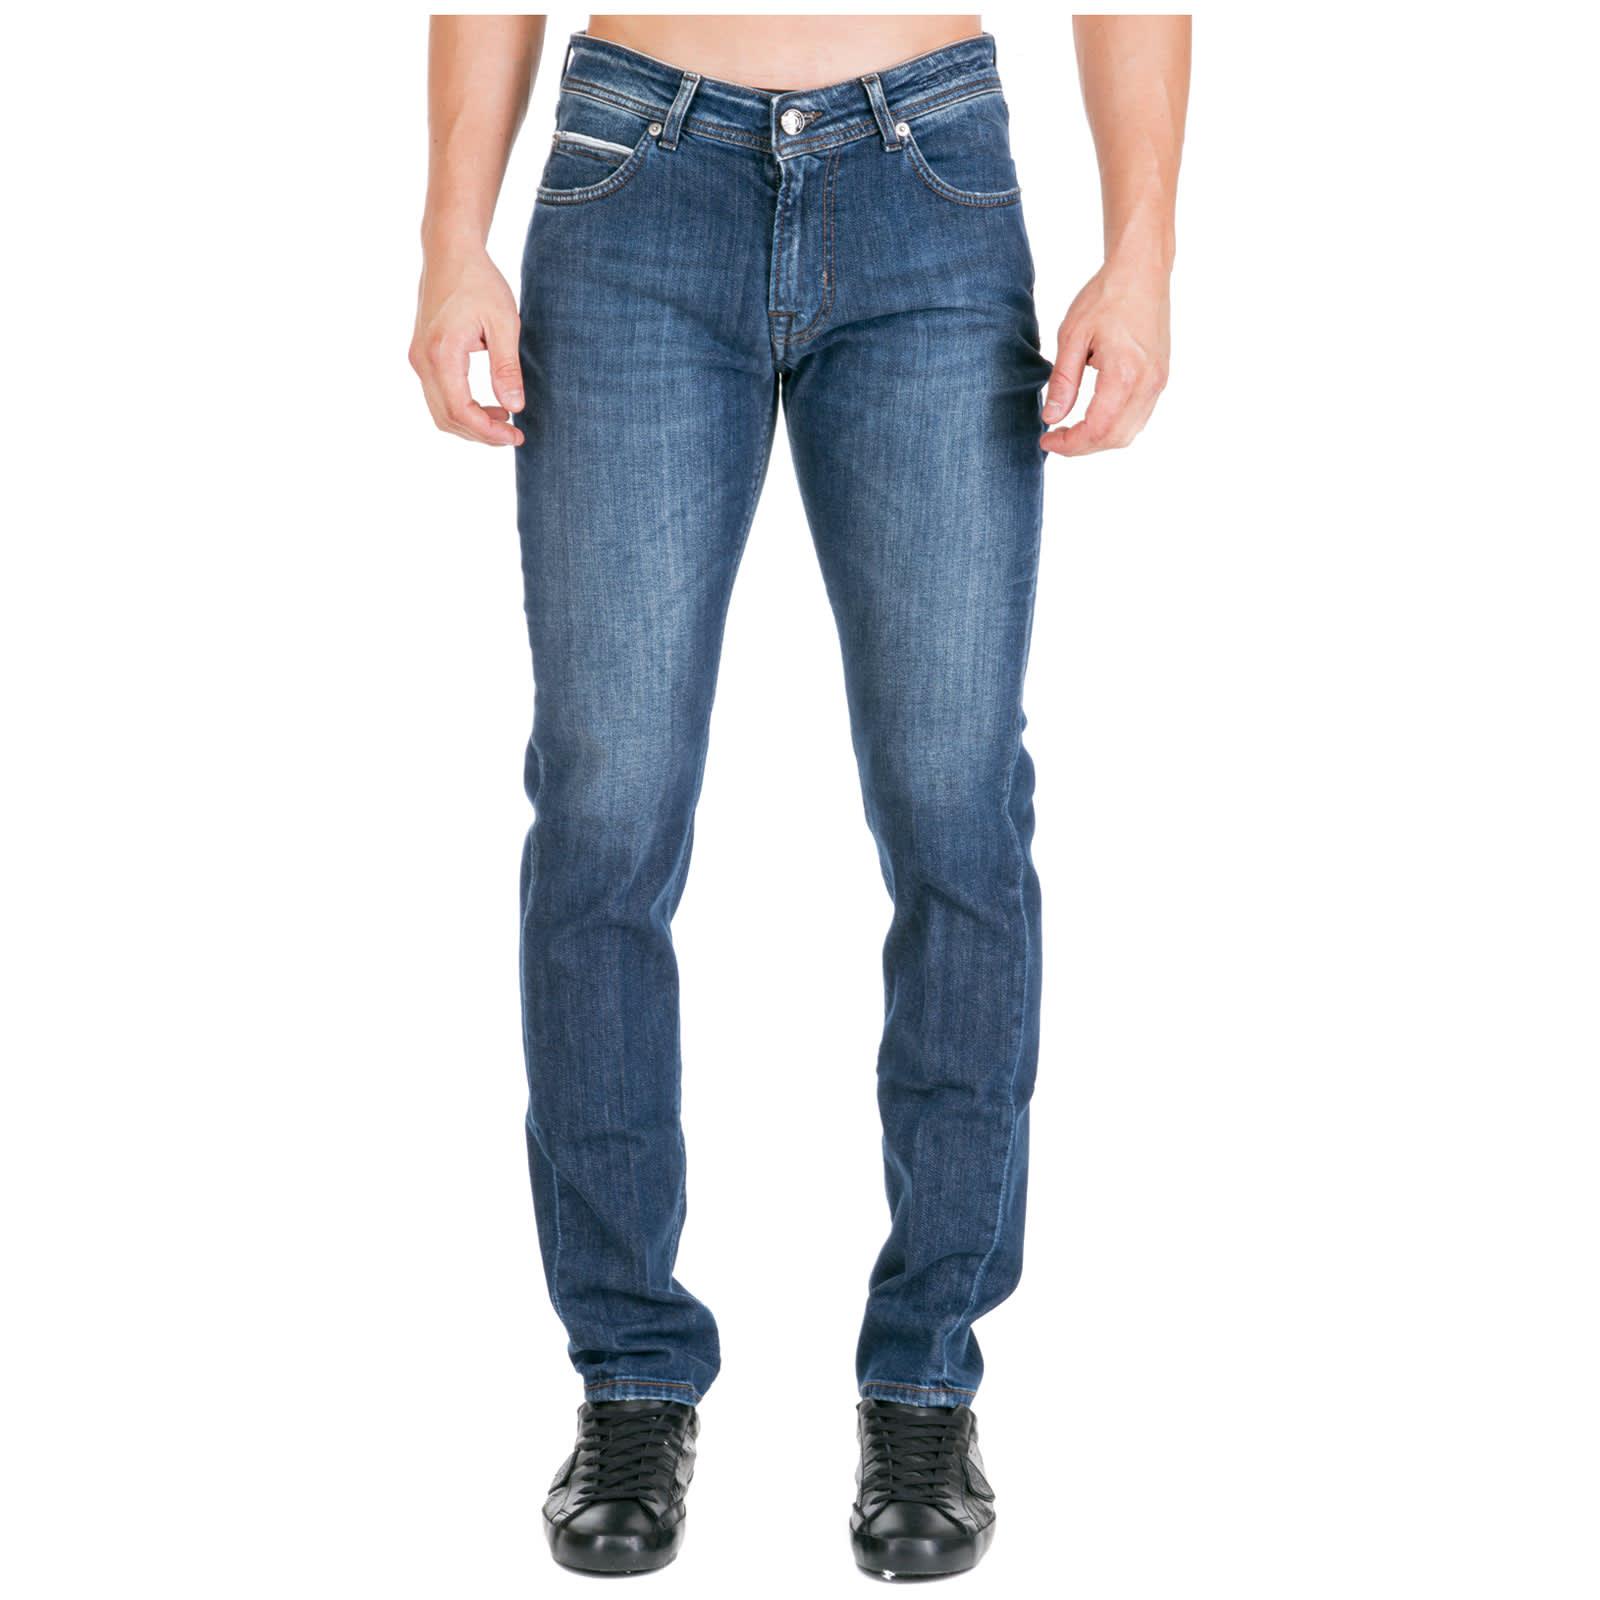 1949 Everett Jeans